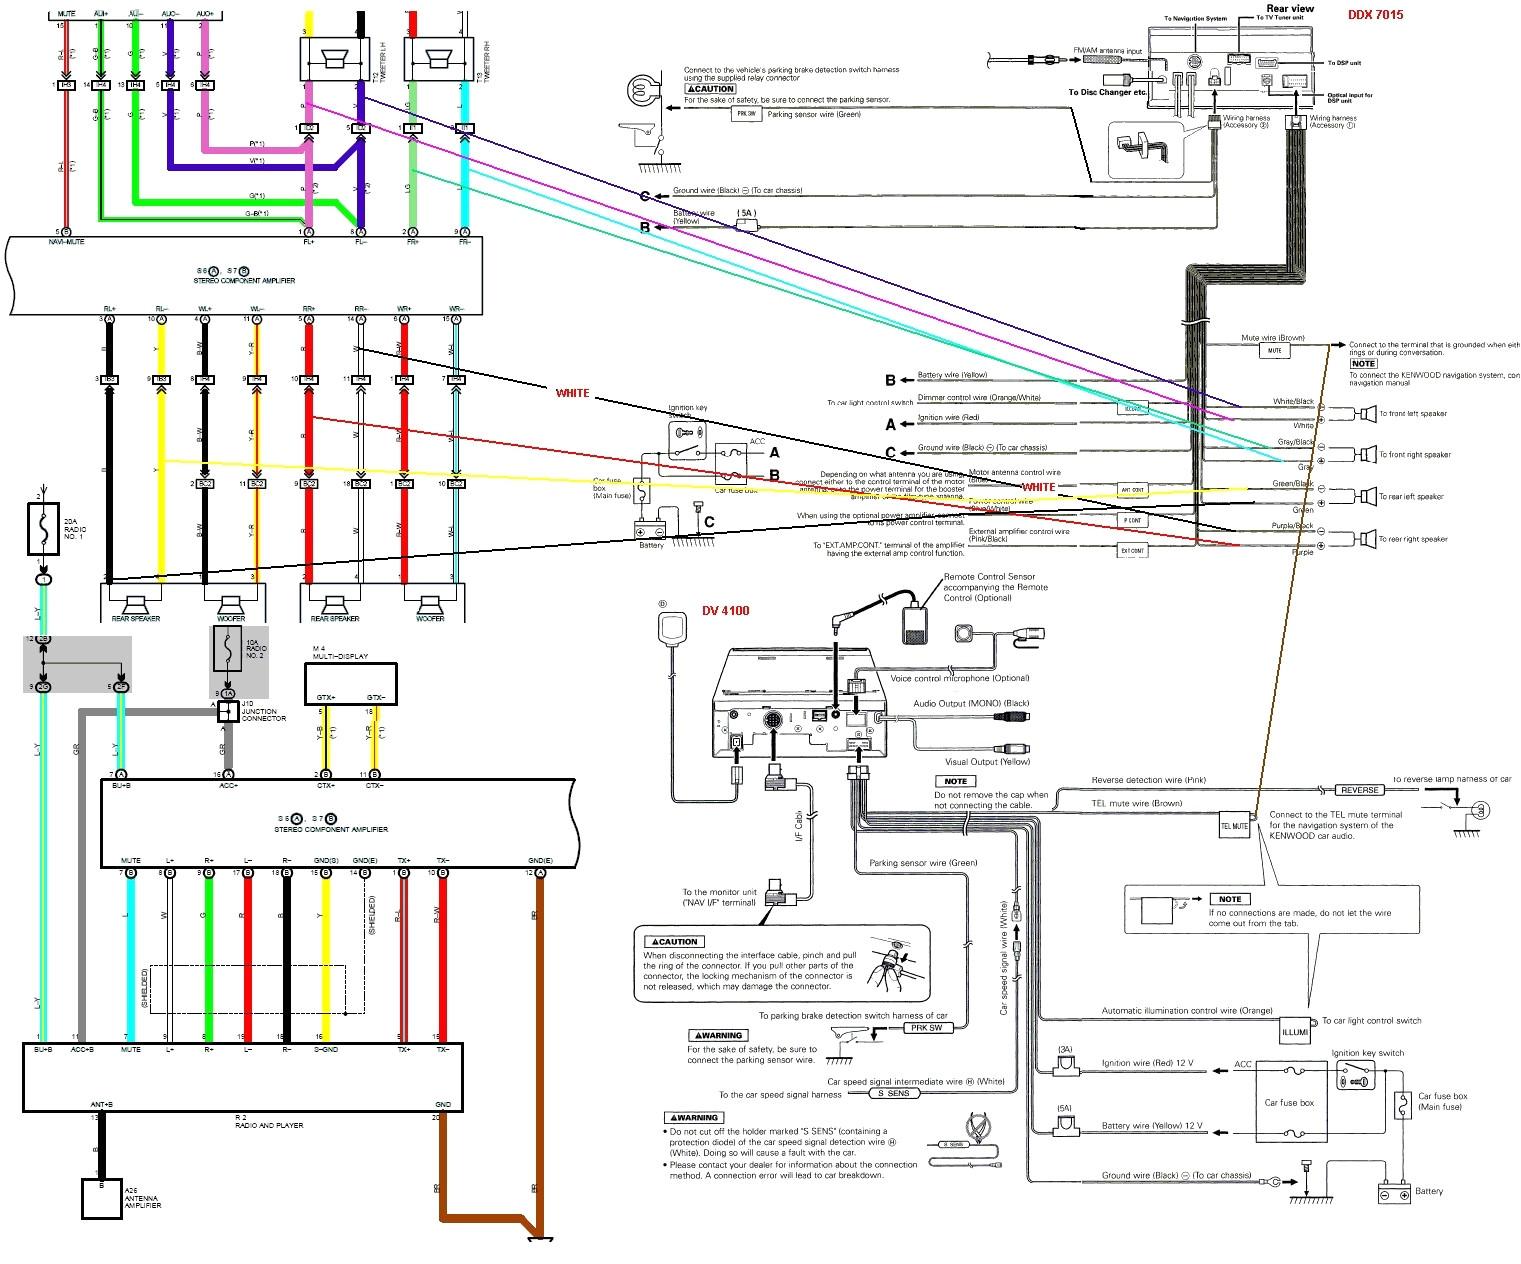 wiring diagram kenwood kdc 142 wiring diagram m6for a kenwood kdc mp142 wiring diagram 6